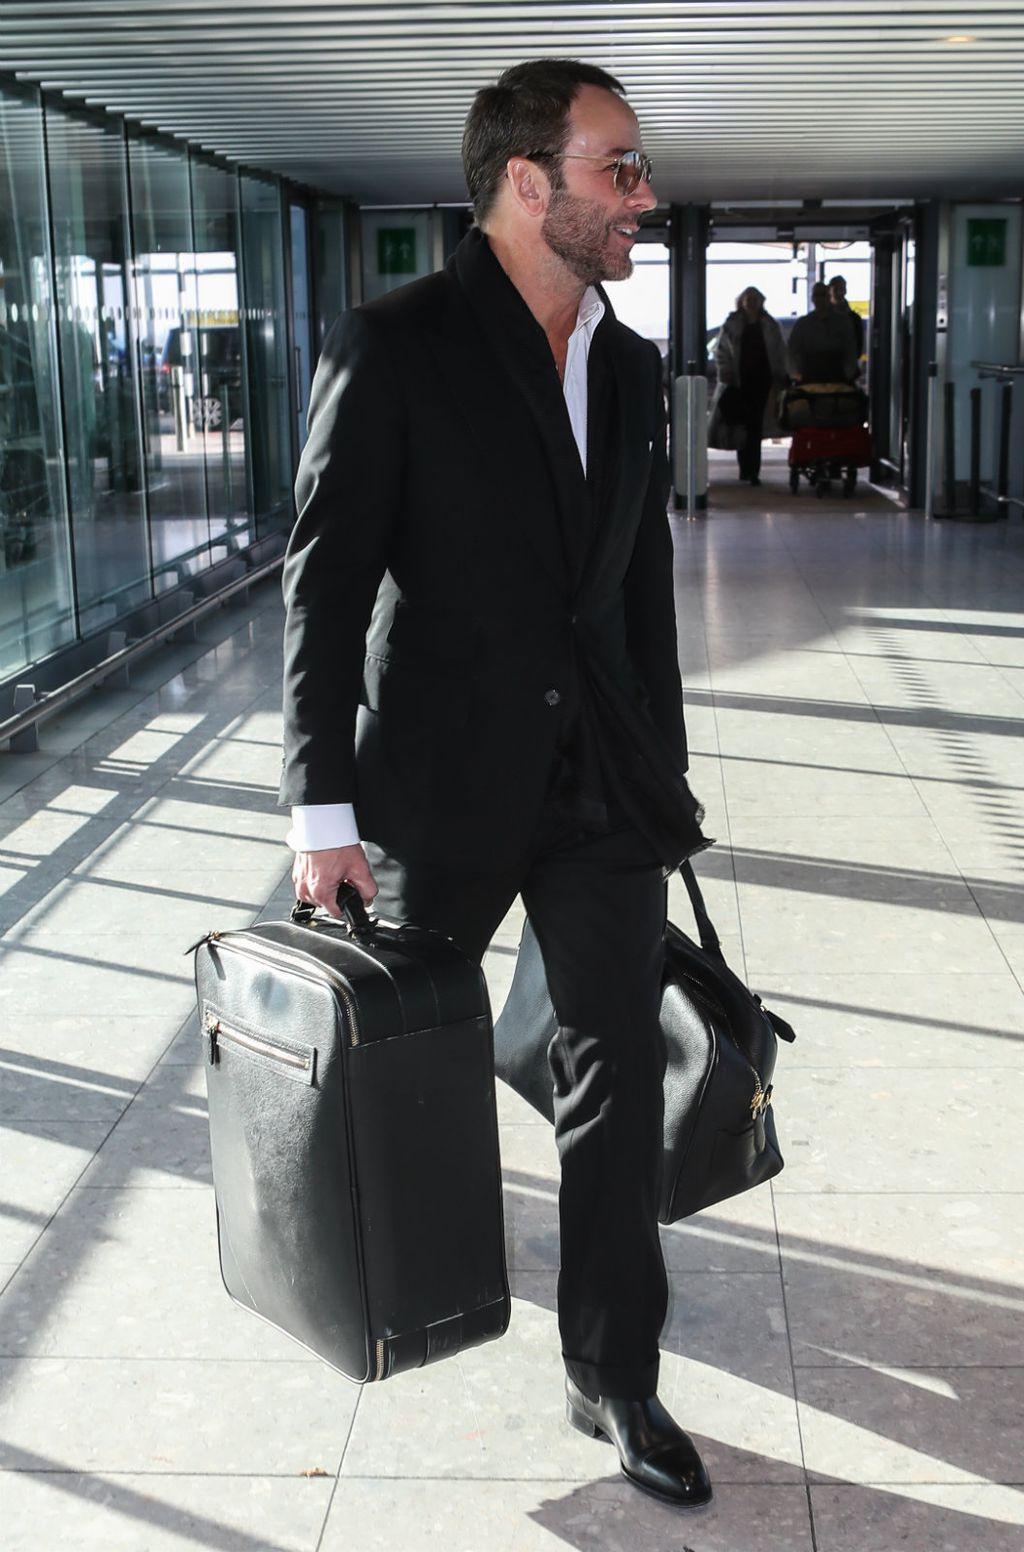 Tom Ford elegantan je u svakoj prigodi